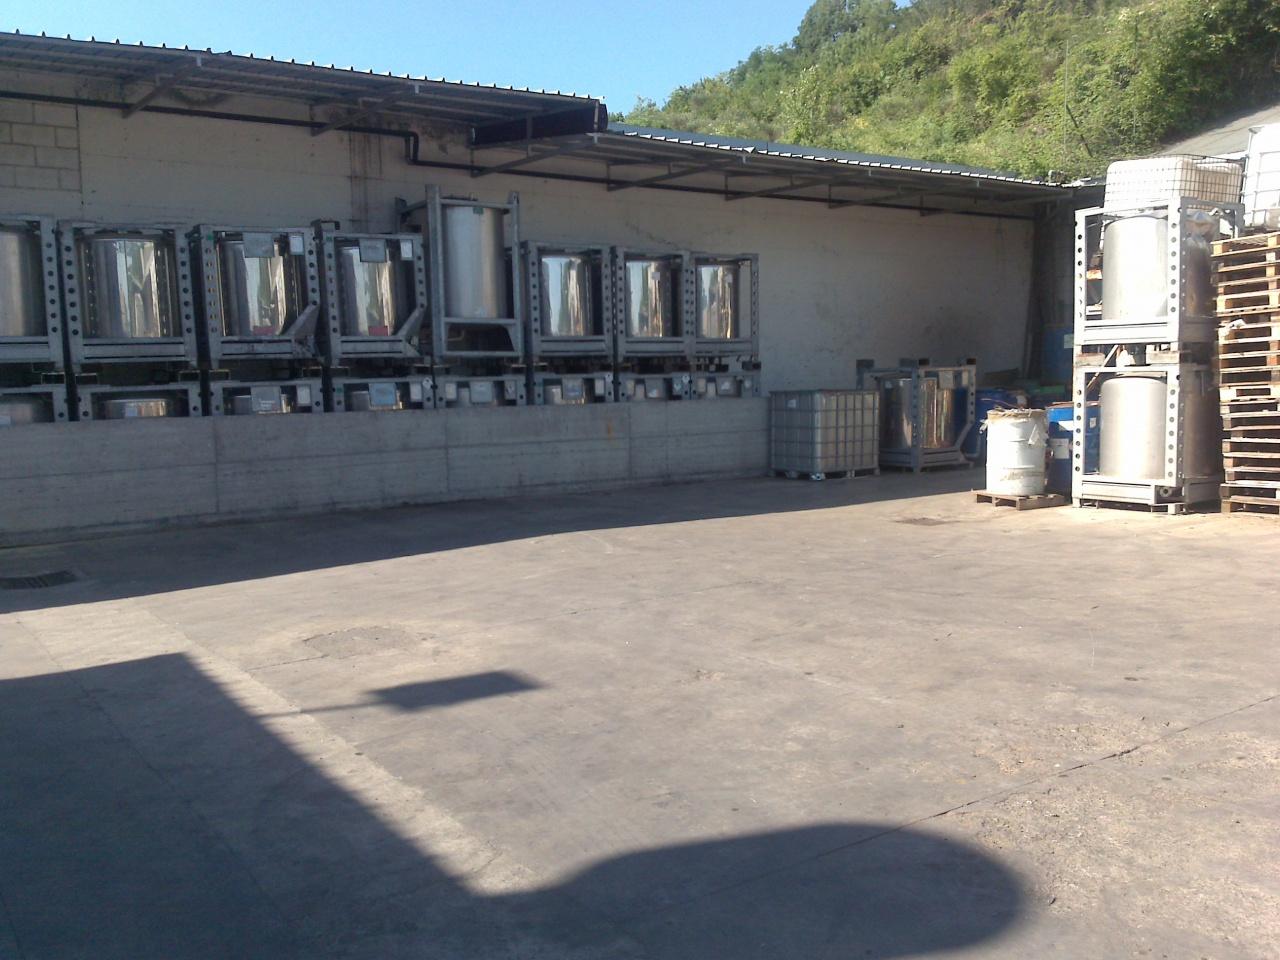 Capannone in vendita a Tavarnelle Val di Pesa, 3 locali, prezzo € 500.000 | CambioCasa.it